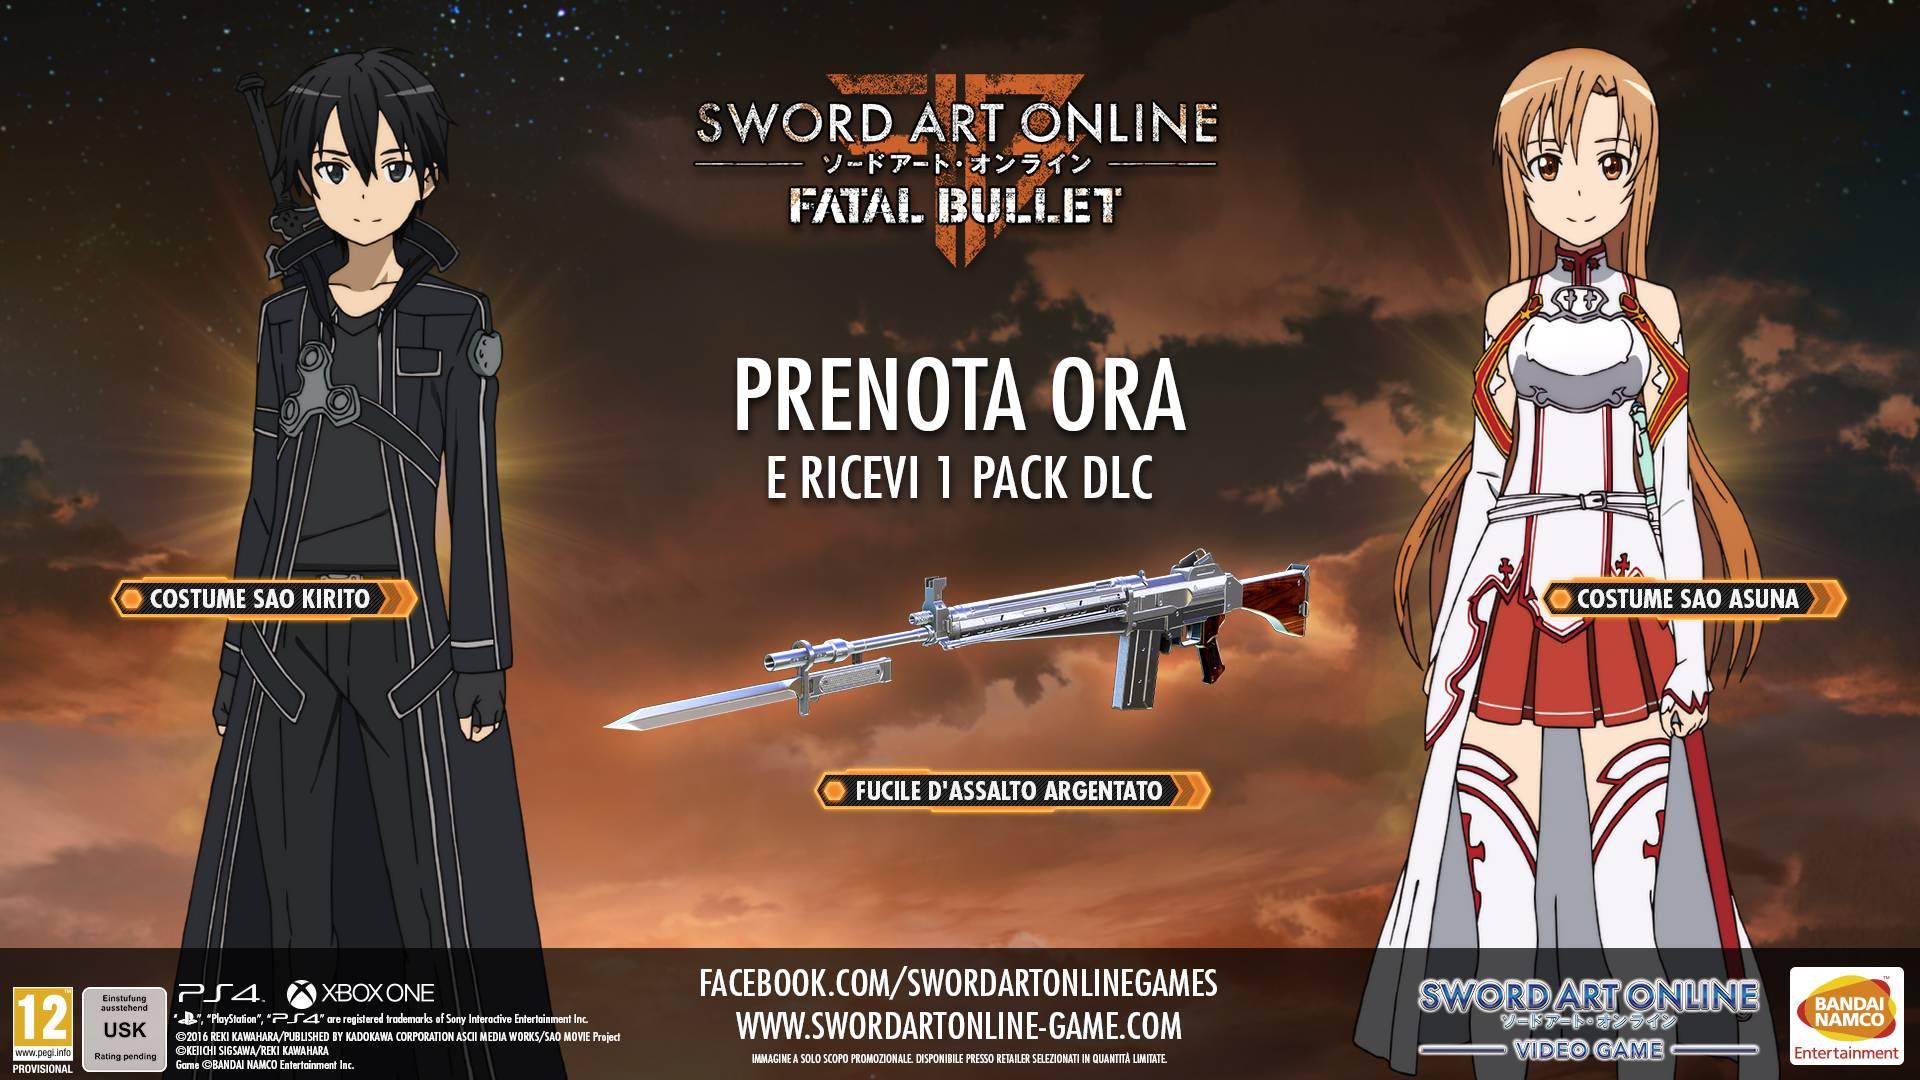 MOCKUP-PRECO_ITA_1508941567